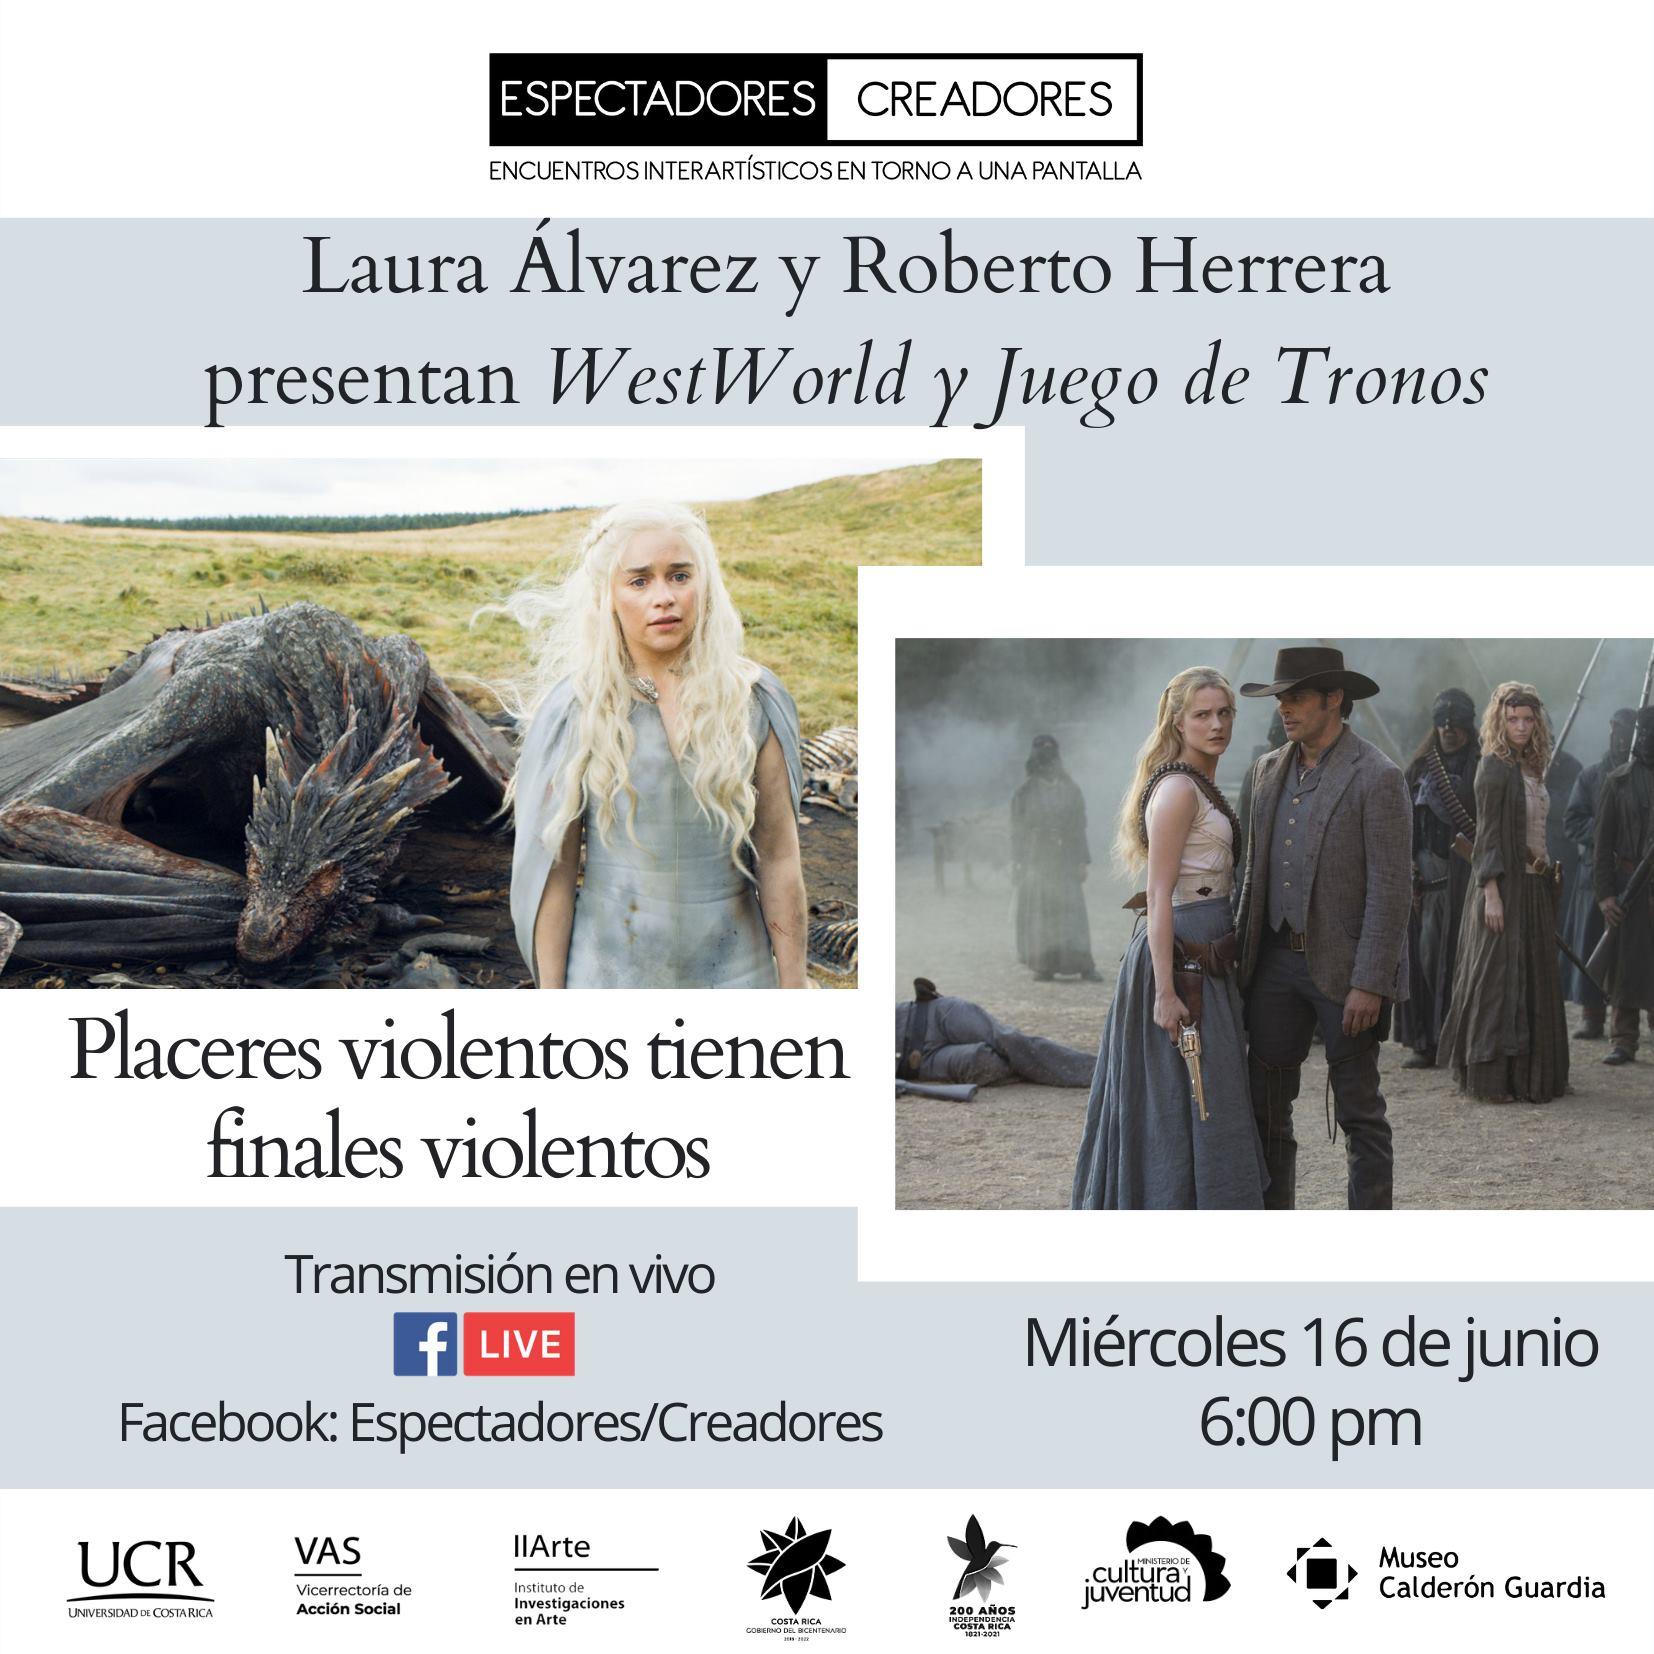 Laura Álvarez y Roberto Herrera presentan WestWorld y Game of Thrones